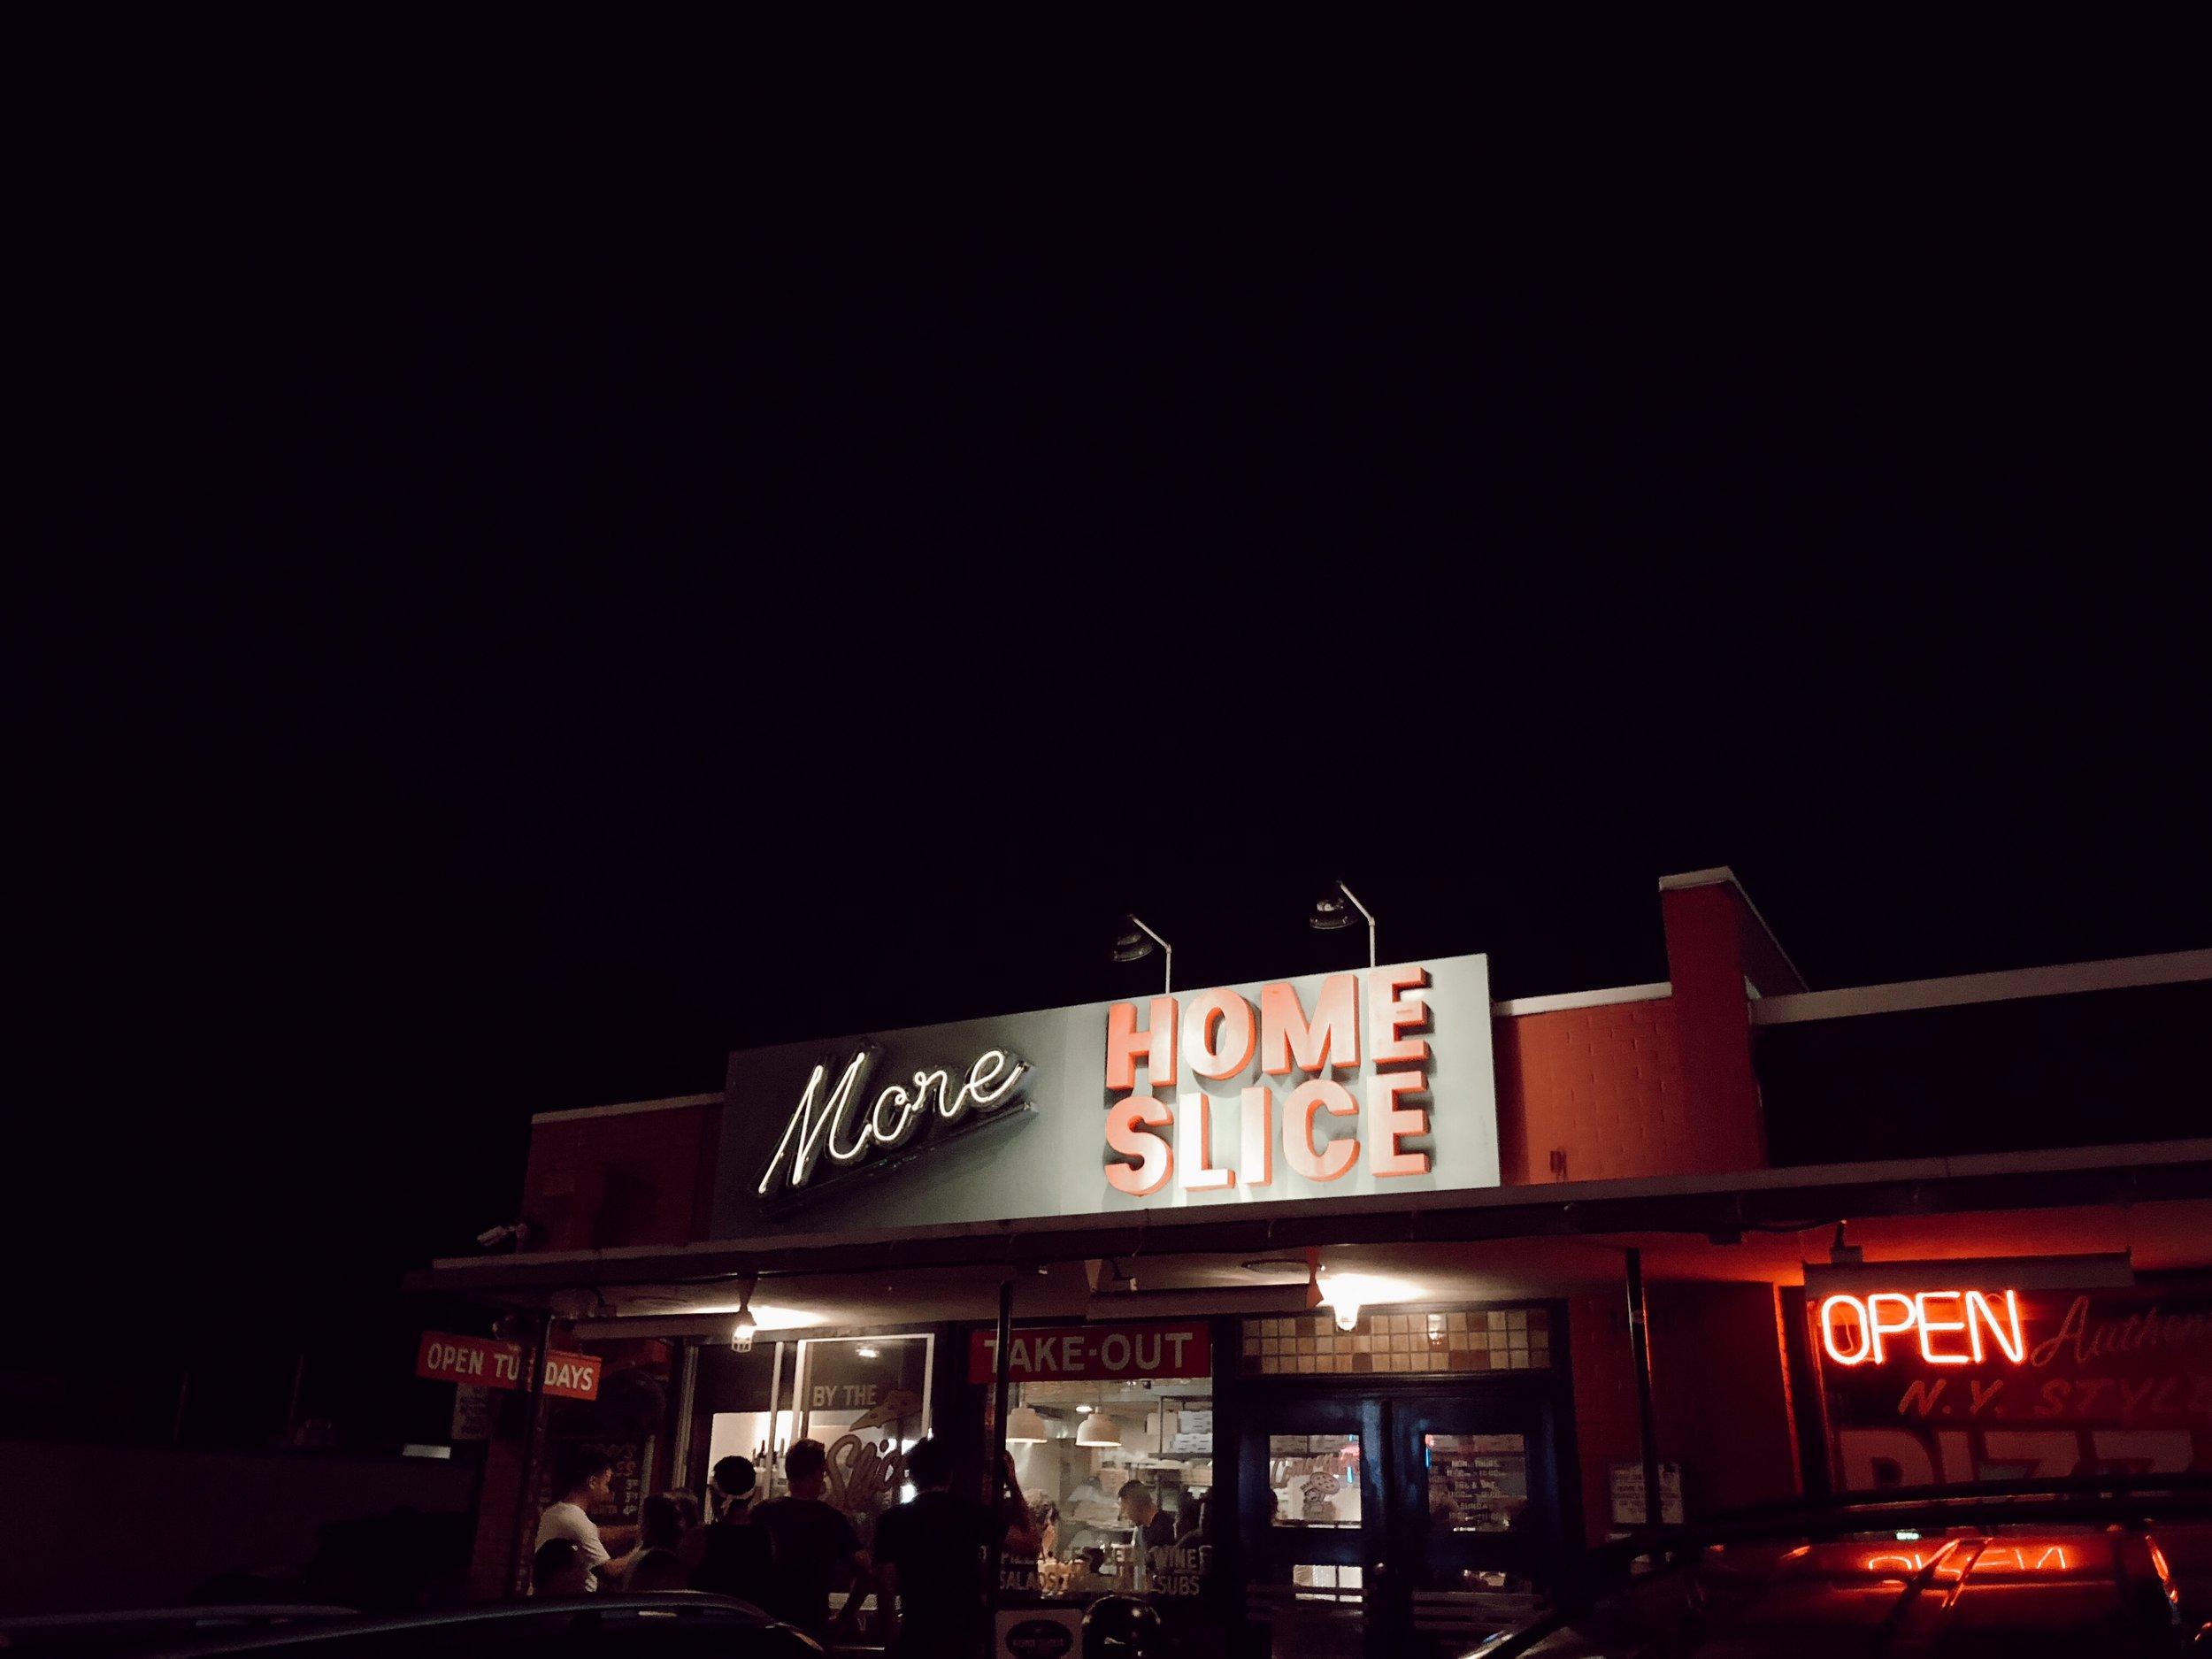 home-slice-pizza-atx.JPG